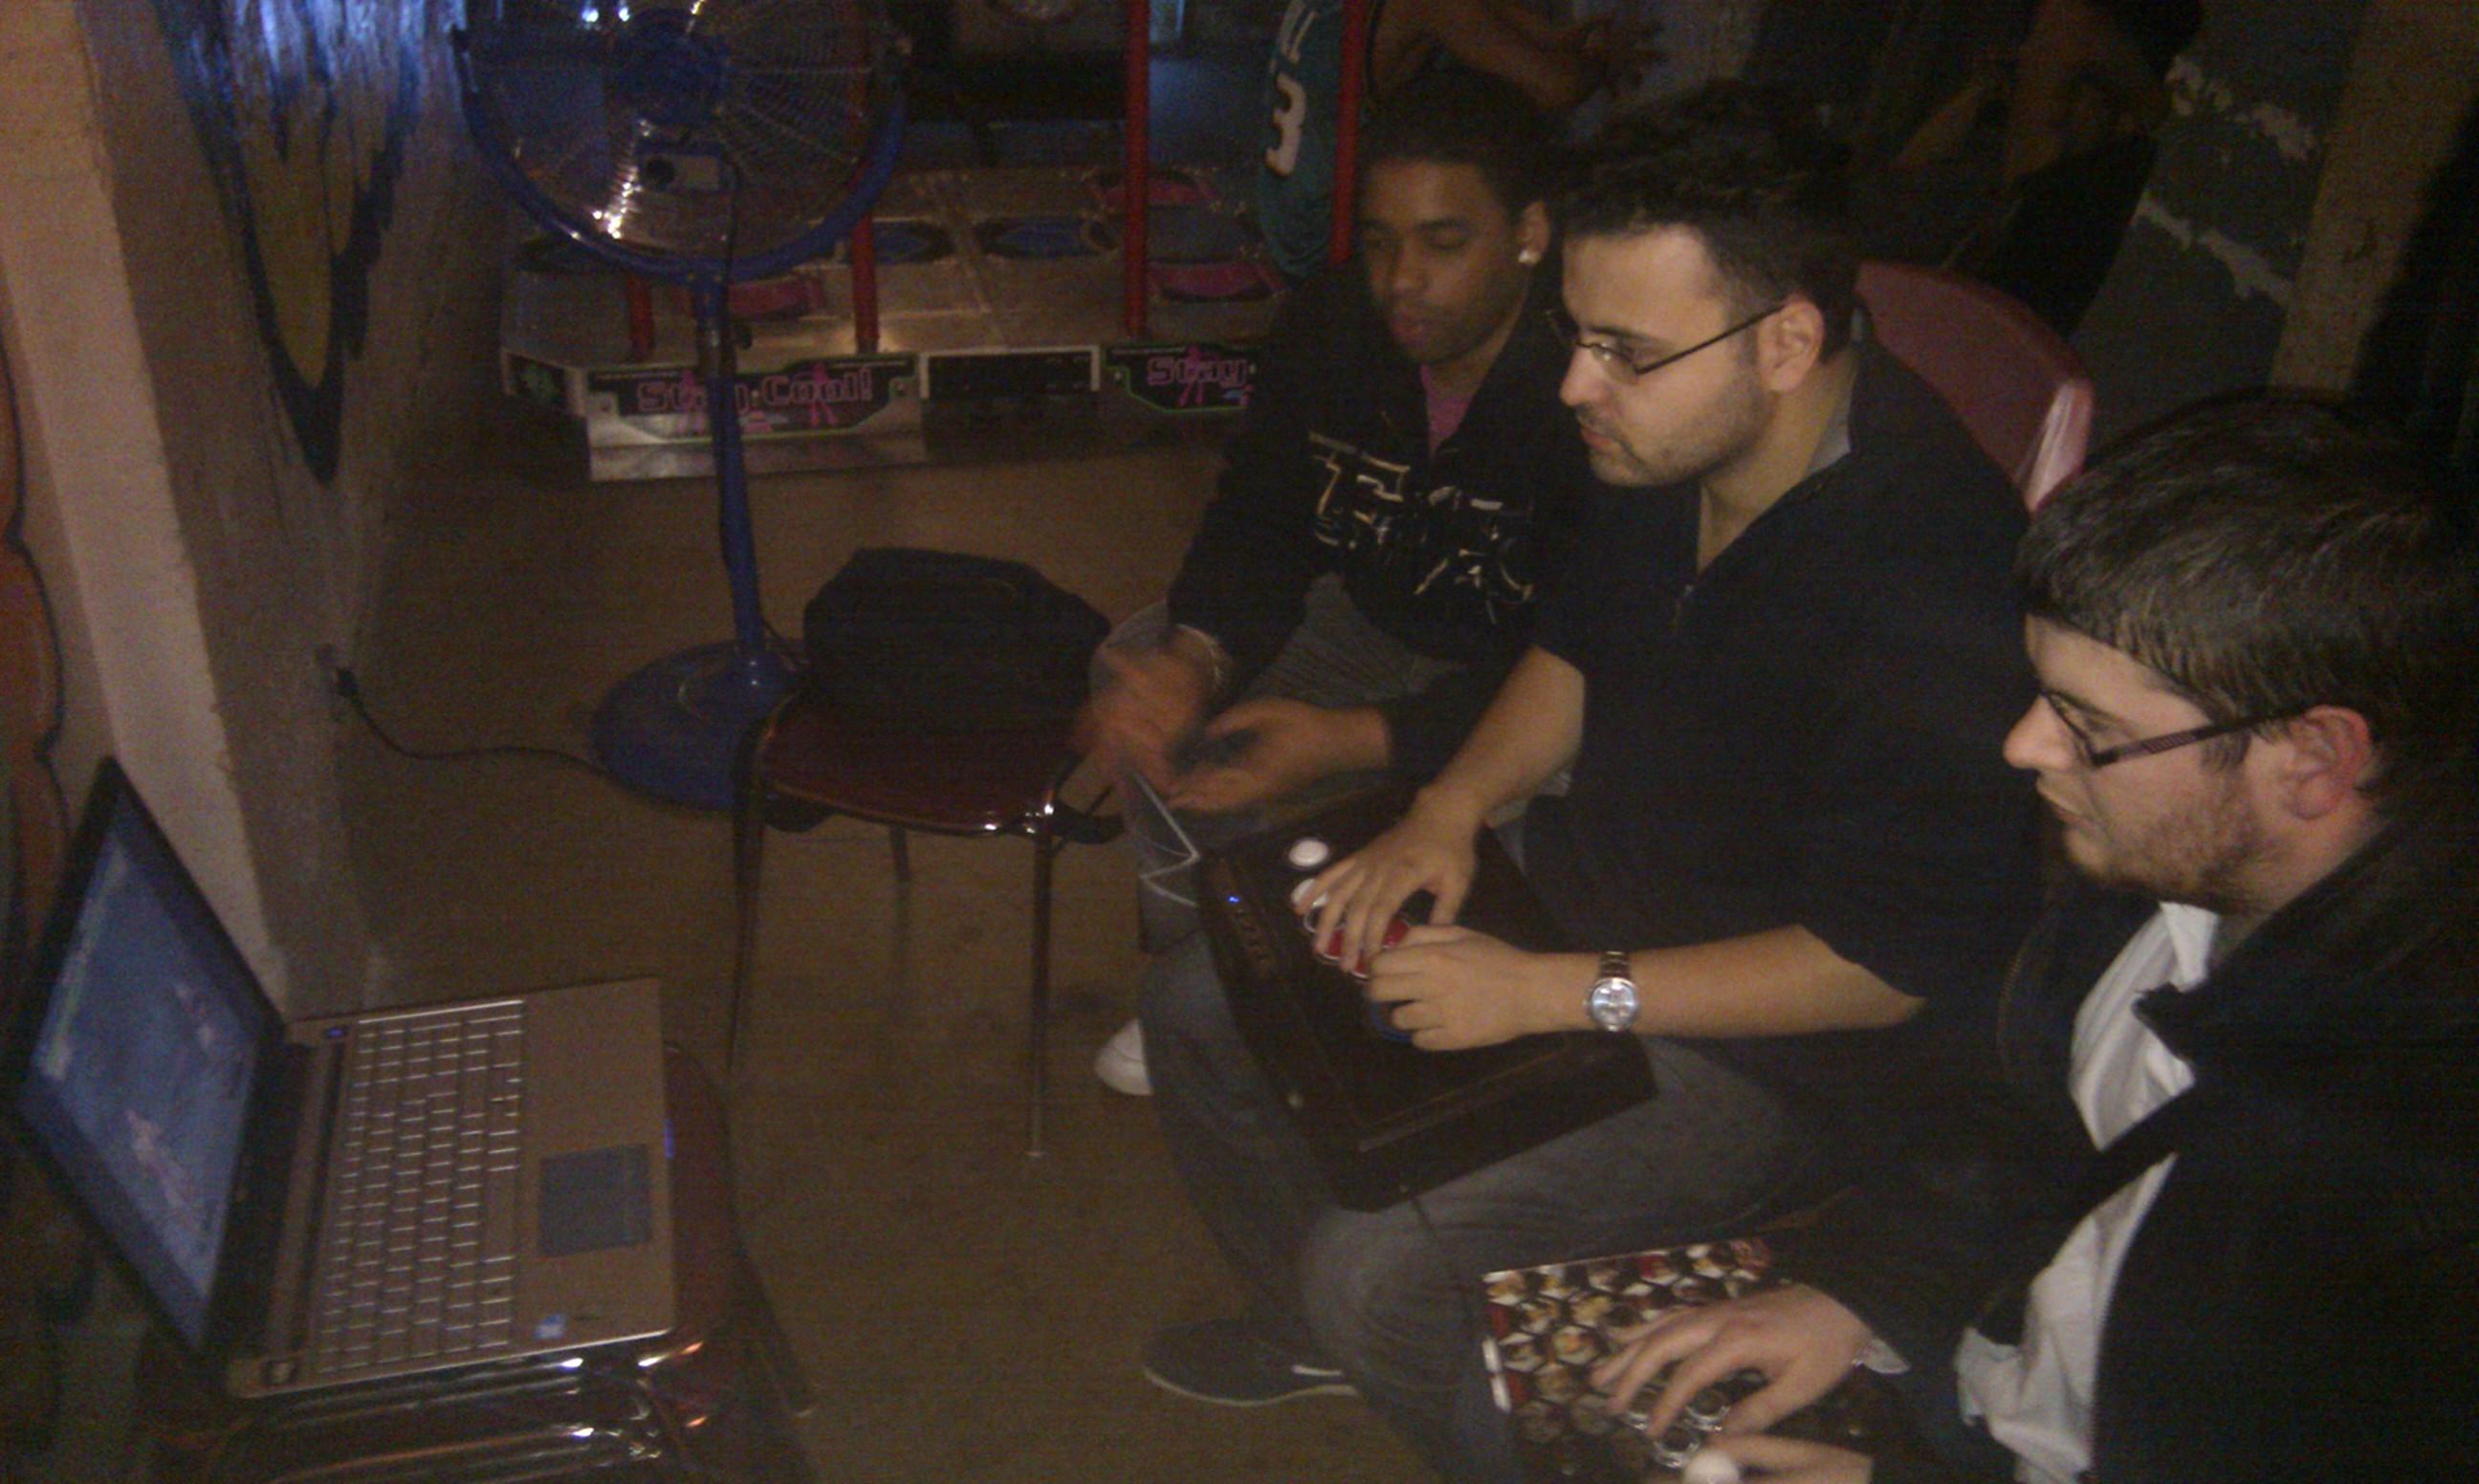 Yatagarasu with Fox @arcadestreet / 4.3 Combos